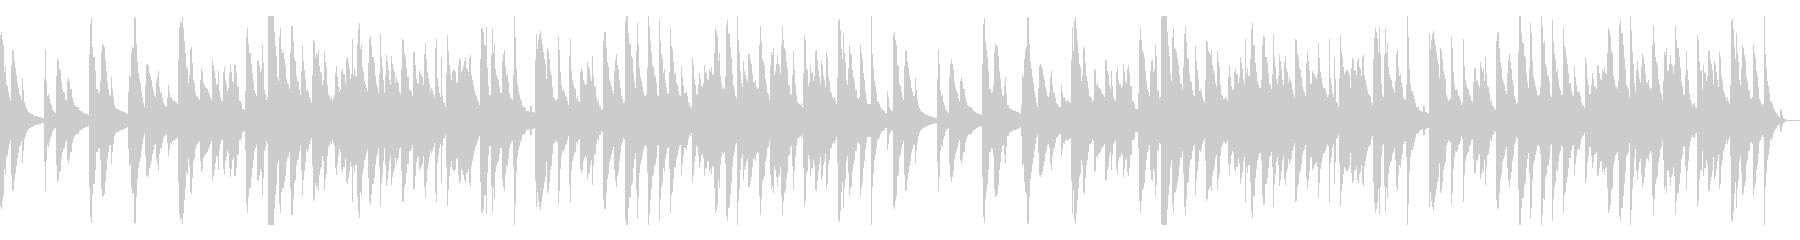 琴の鼓の純和風曲の未再生の波形